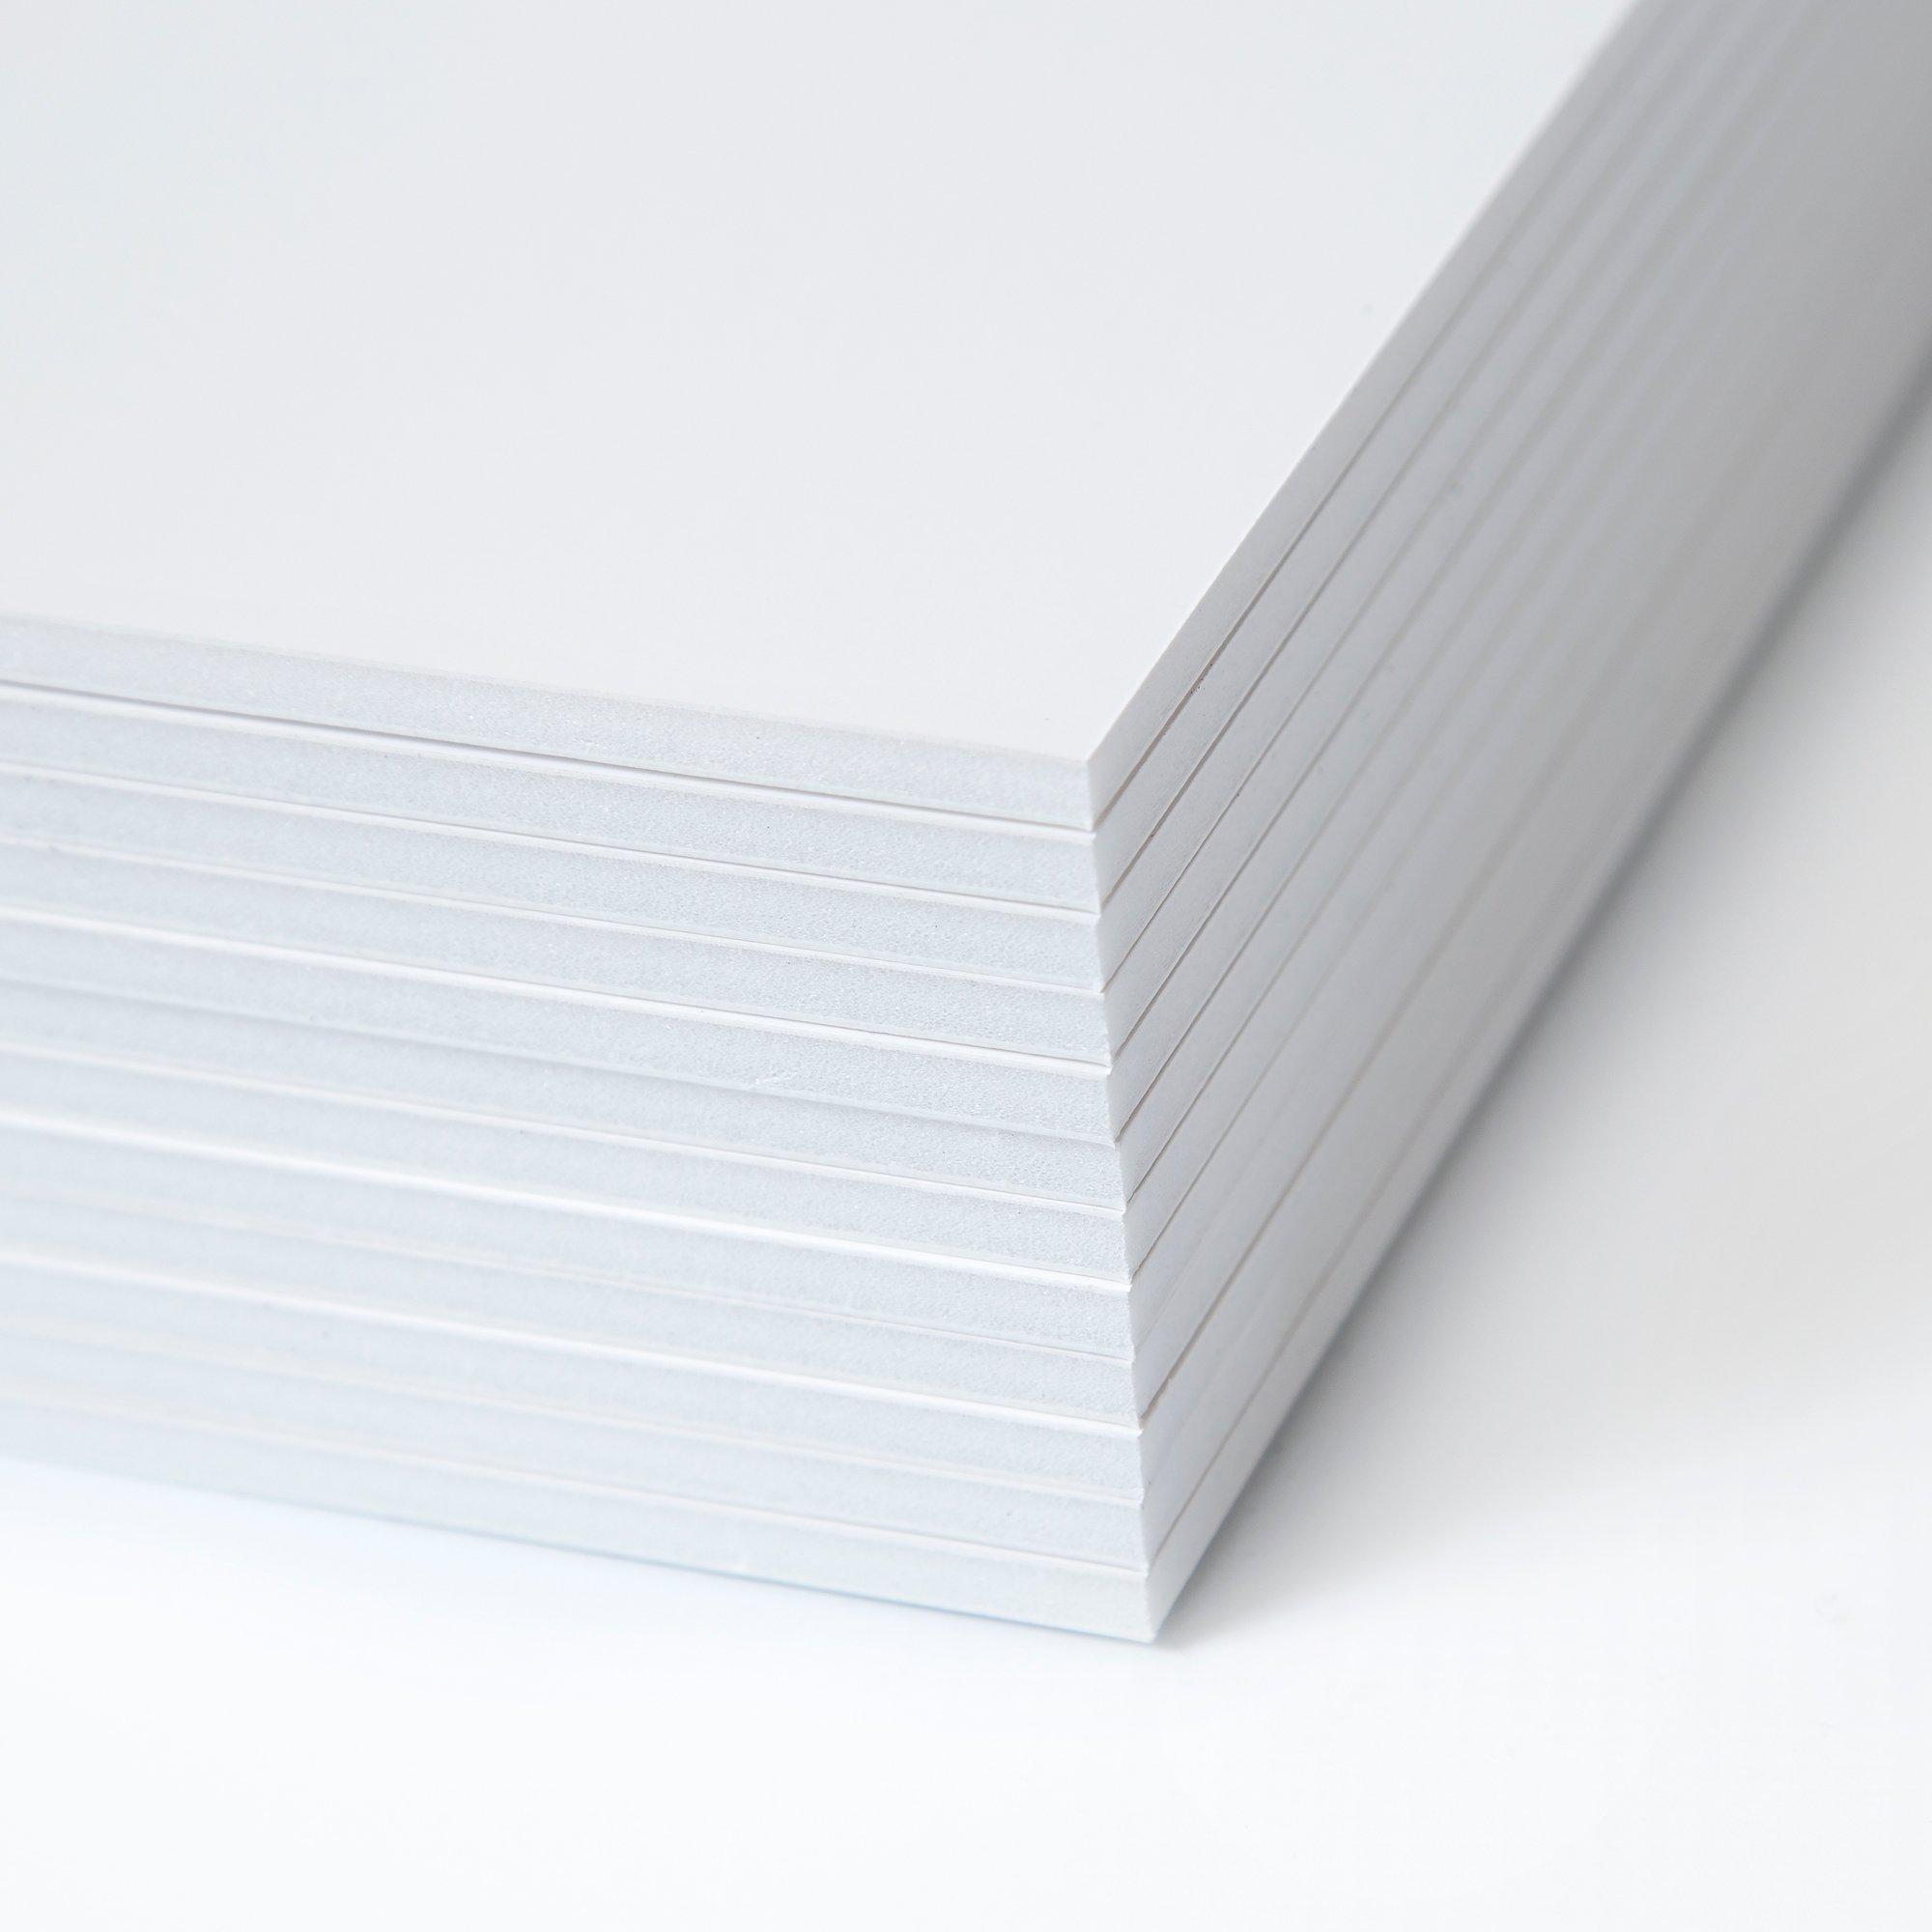 Foam Core Board Multi Pack - Foam Poster Board - Foam Core Project Board - Foam Boards - 11x14 Sign Boards Pack of 12 - White Foam Board - Large Foam Board - Extruded Polystyrene - Foamcore Sheets